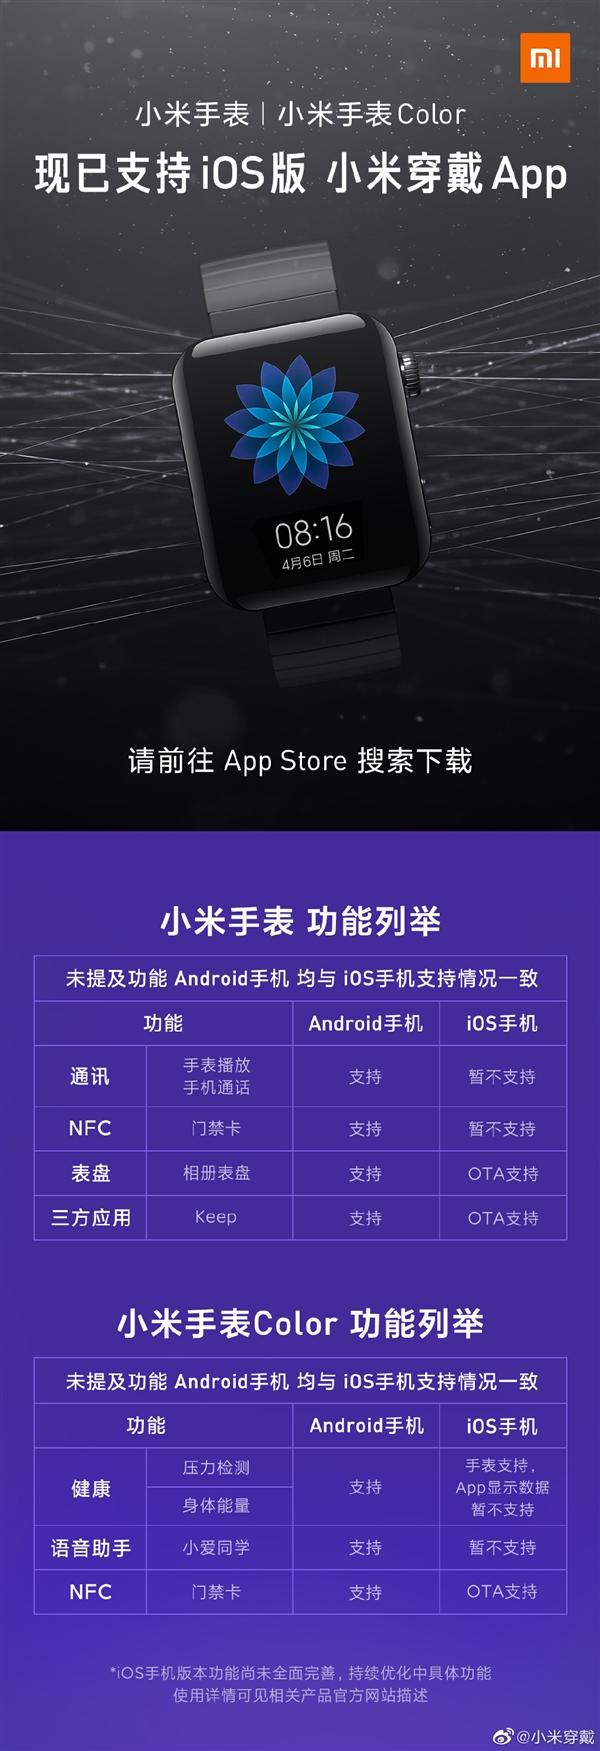 小米官宣:穿戴APP iOS版已经正式上线 支持小米手表、Color